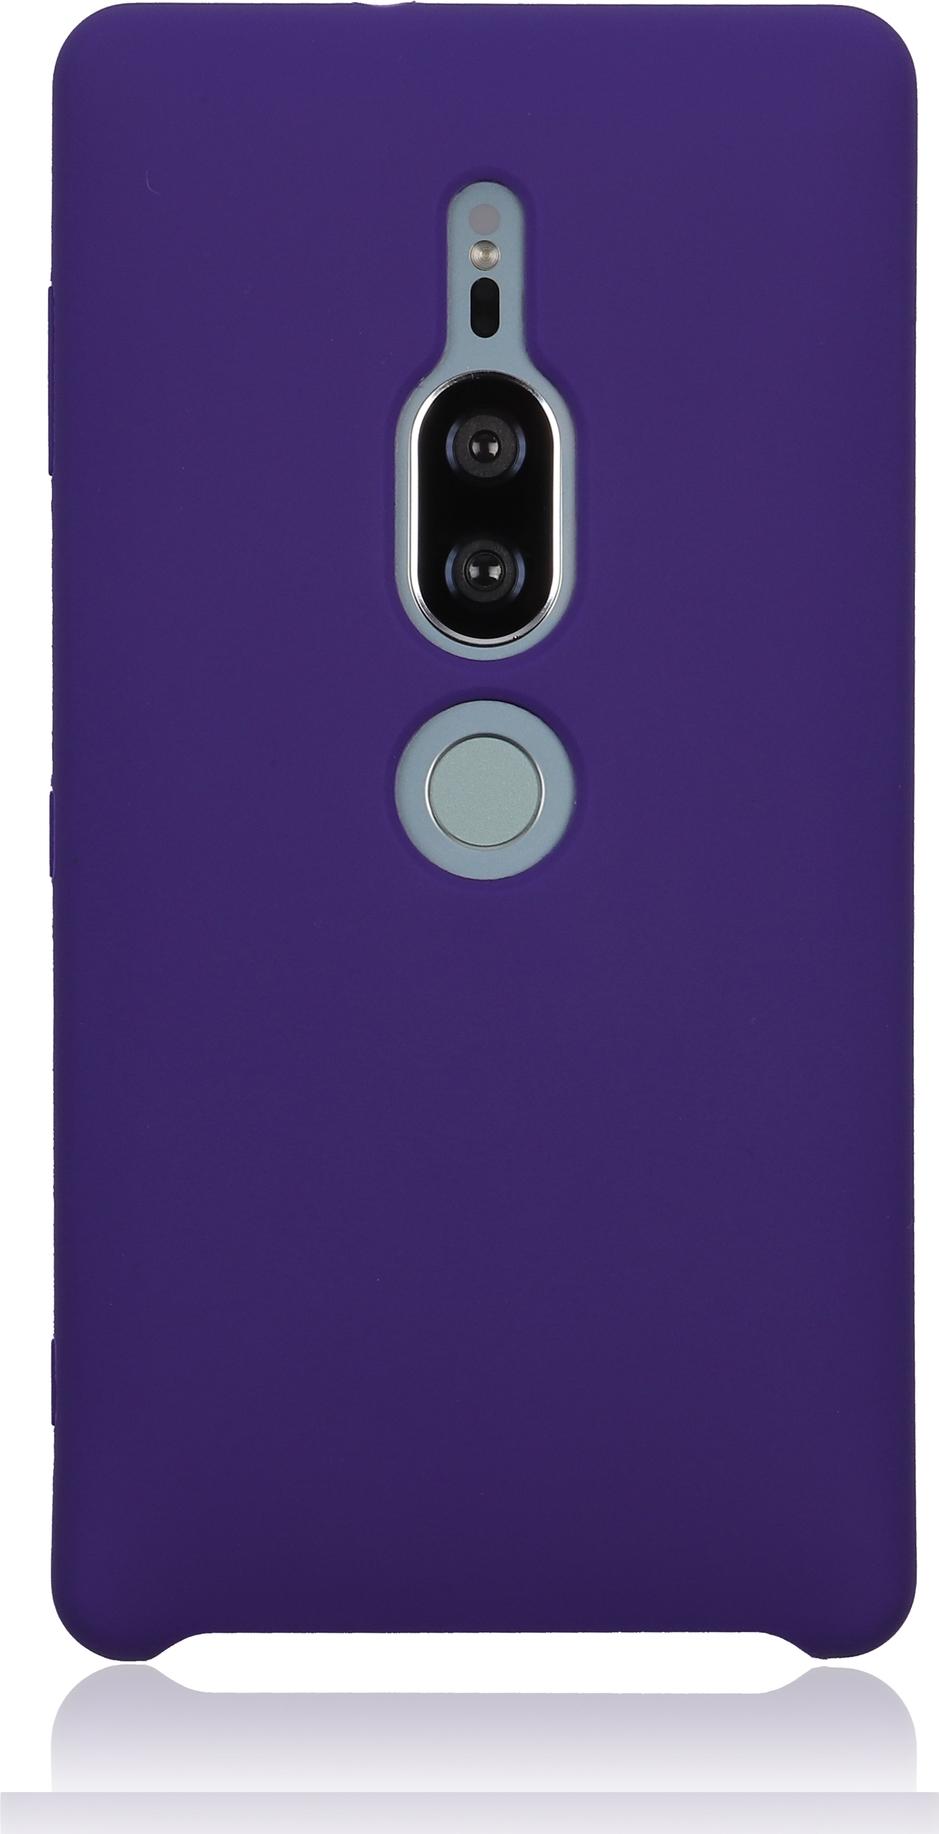 Чехол Brosco Softrubber для Sony Xperia XZ2 Premium, фиолетовый wierss розовый для sony xz2